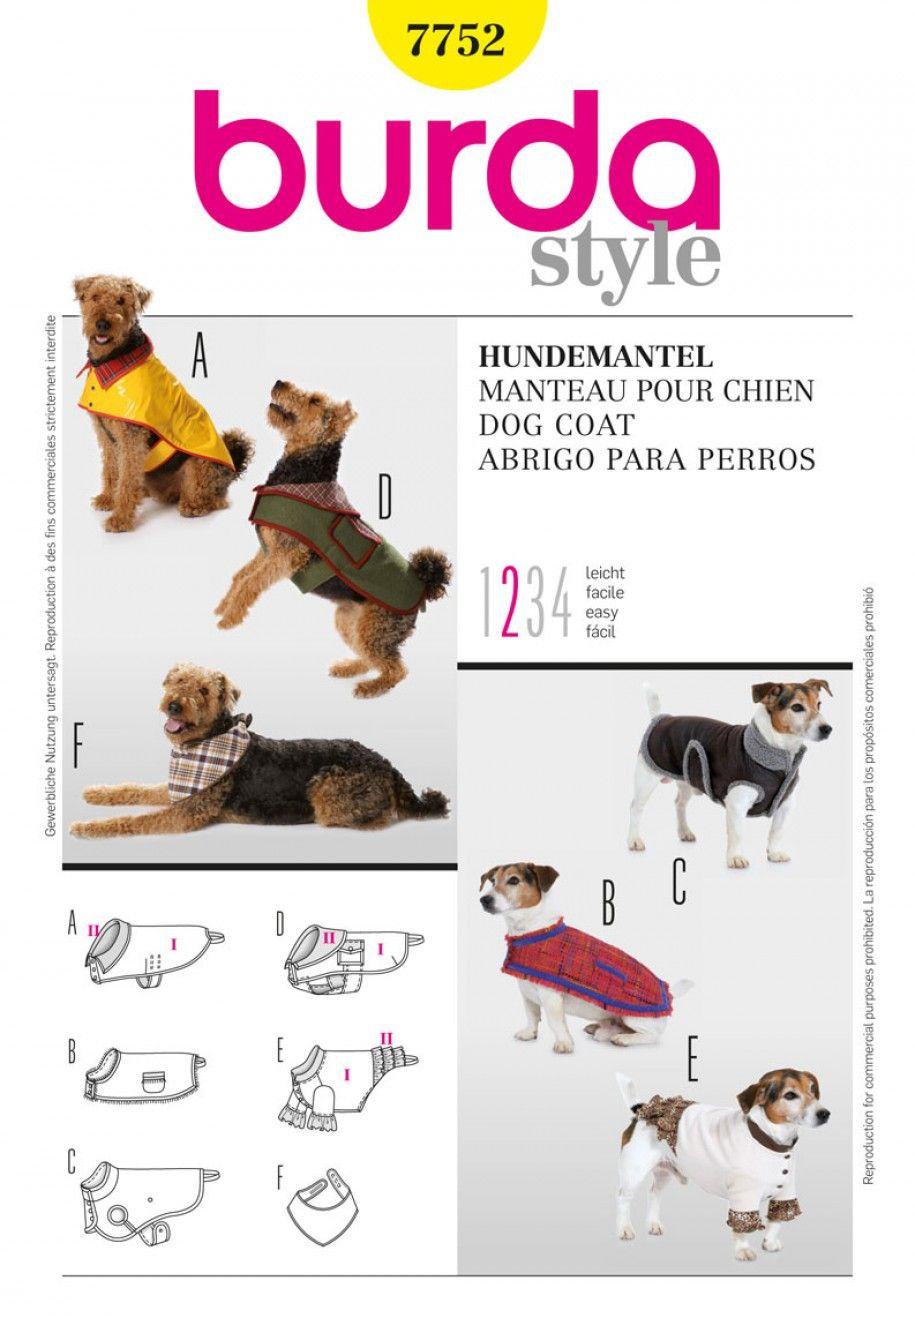 Burda B7752 Dog Coat Sewing Pattern | Mixer new | Pinterest | Coats ...